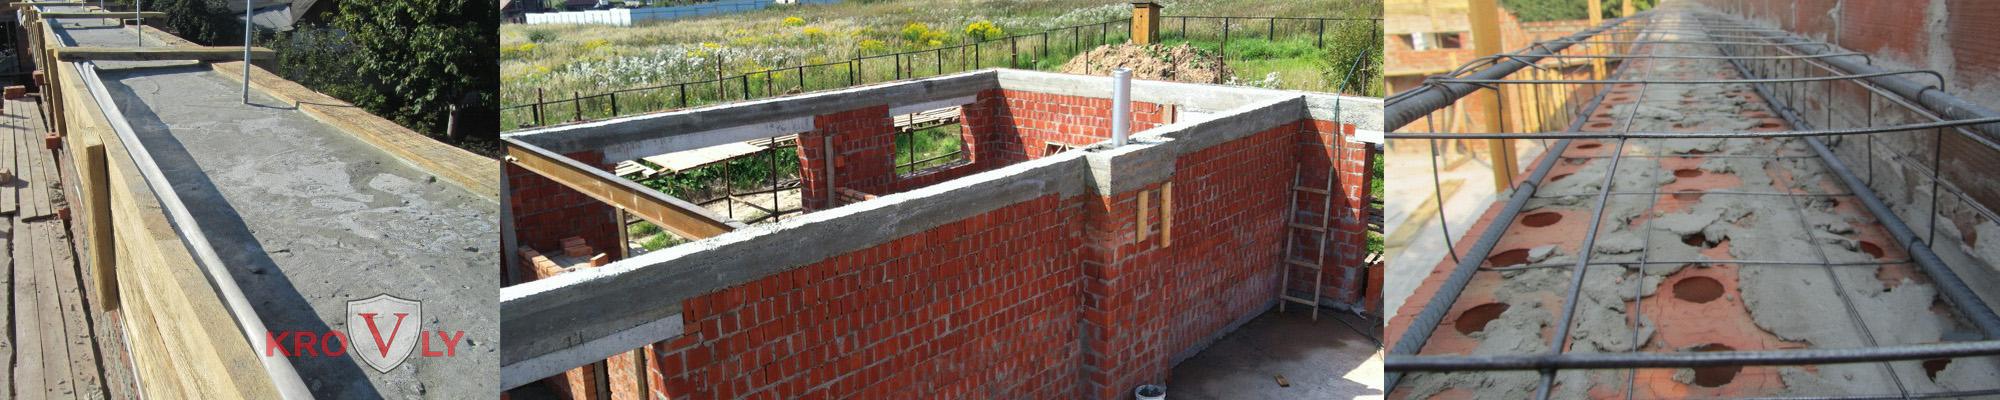 Армирование кирпичных стен. Армопояс для кирпичной стены. Заливка армирующего пояса